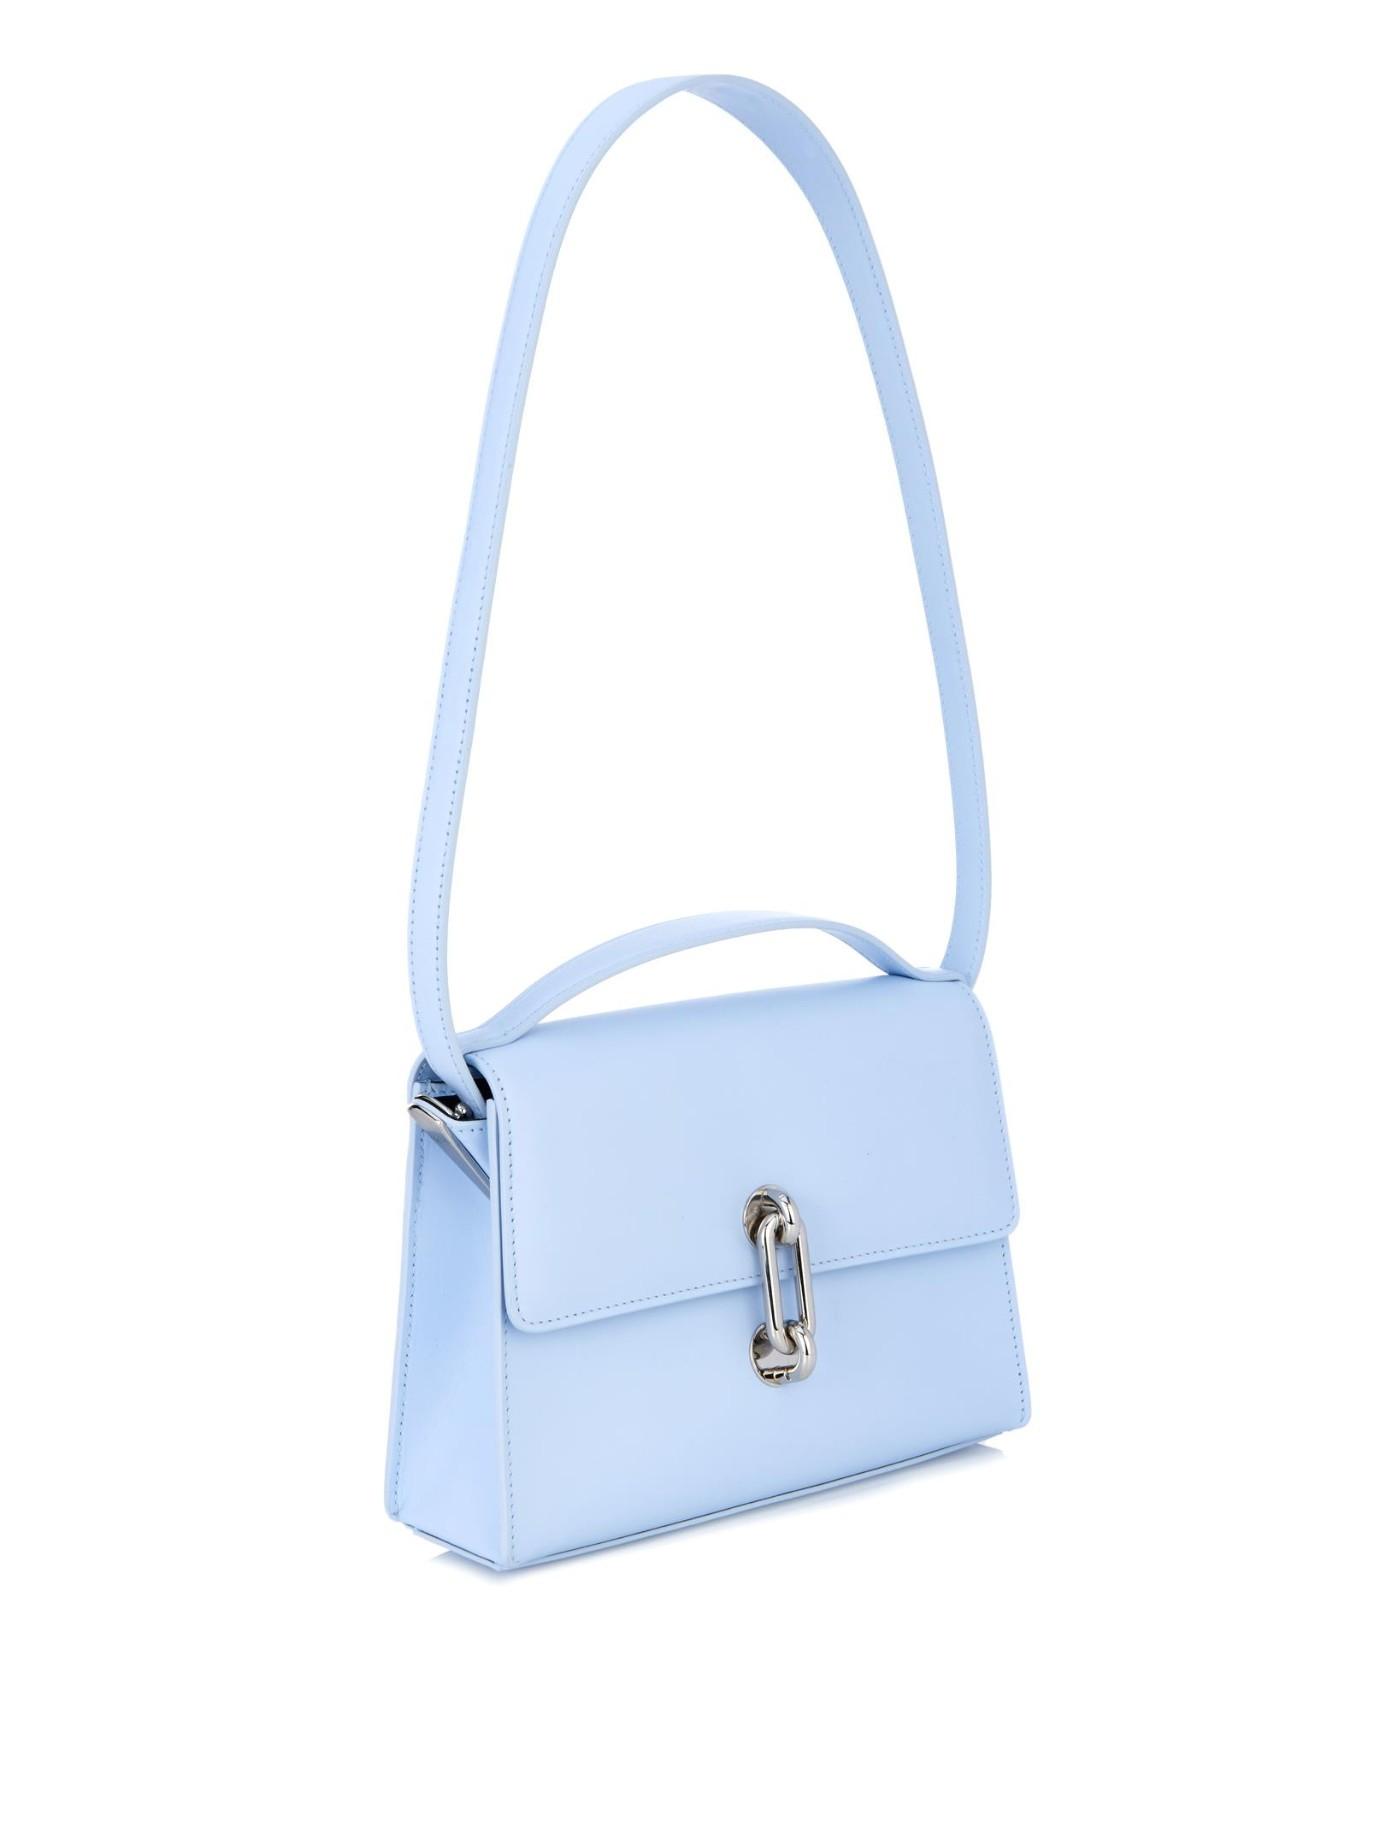 Balenciaga Maillon Mini Trapeze Leather Cross Body Bag In